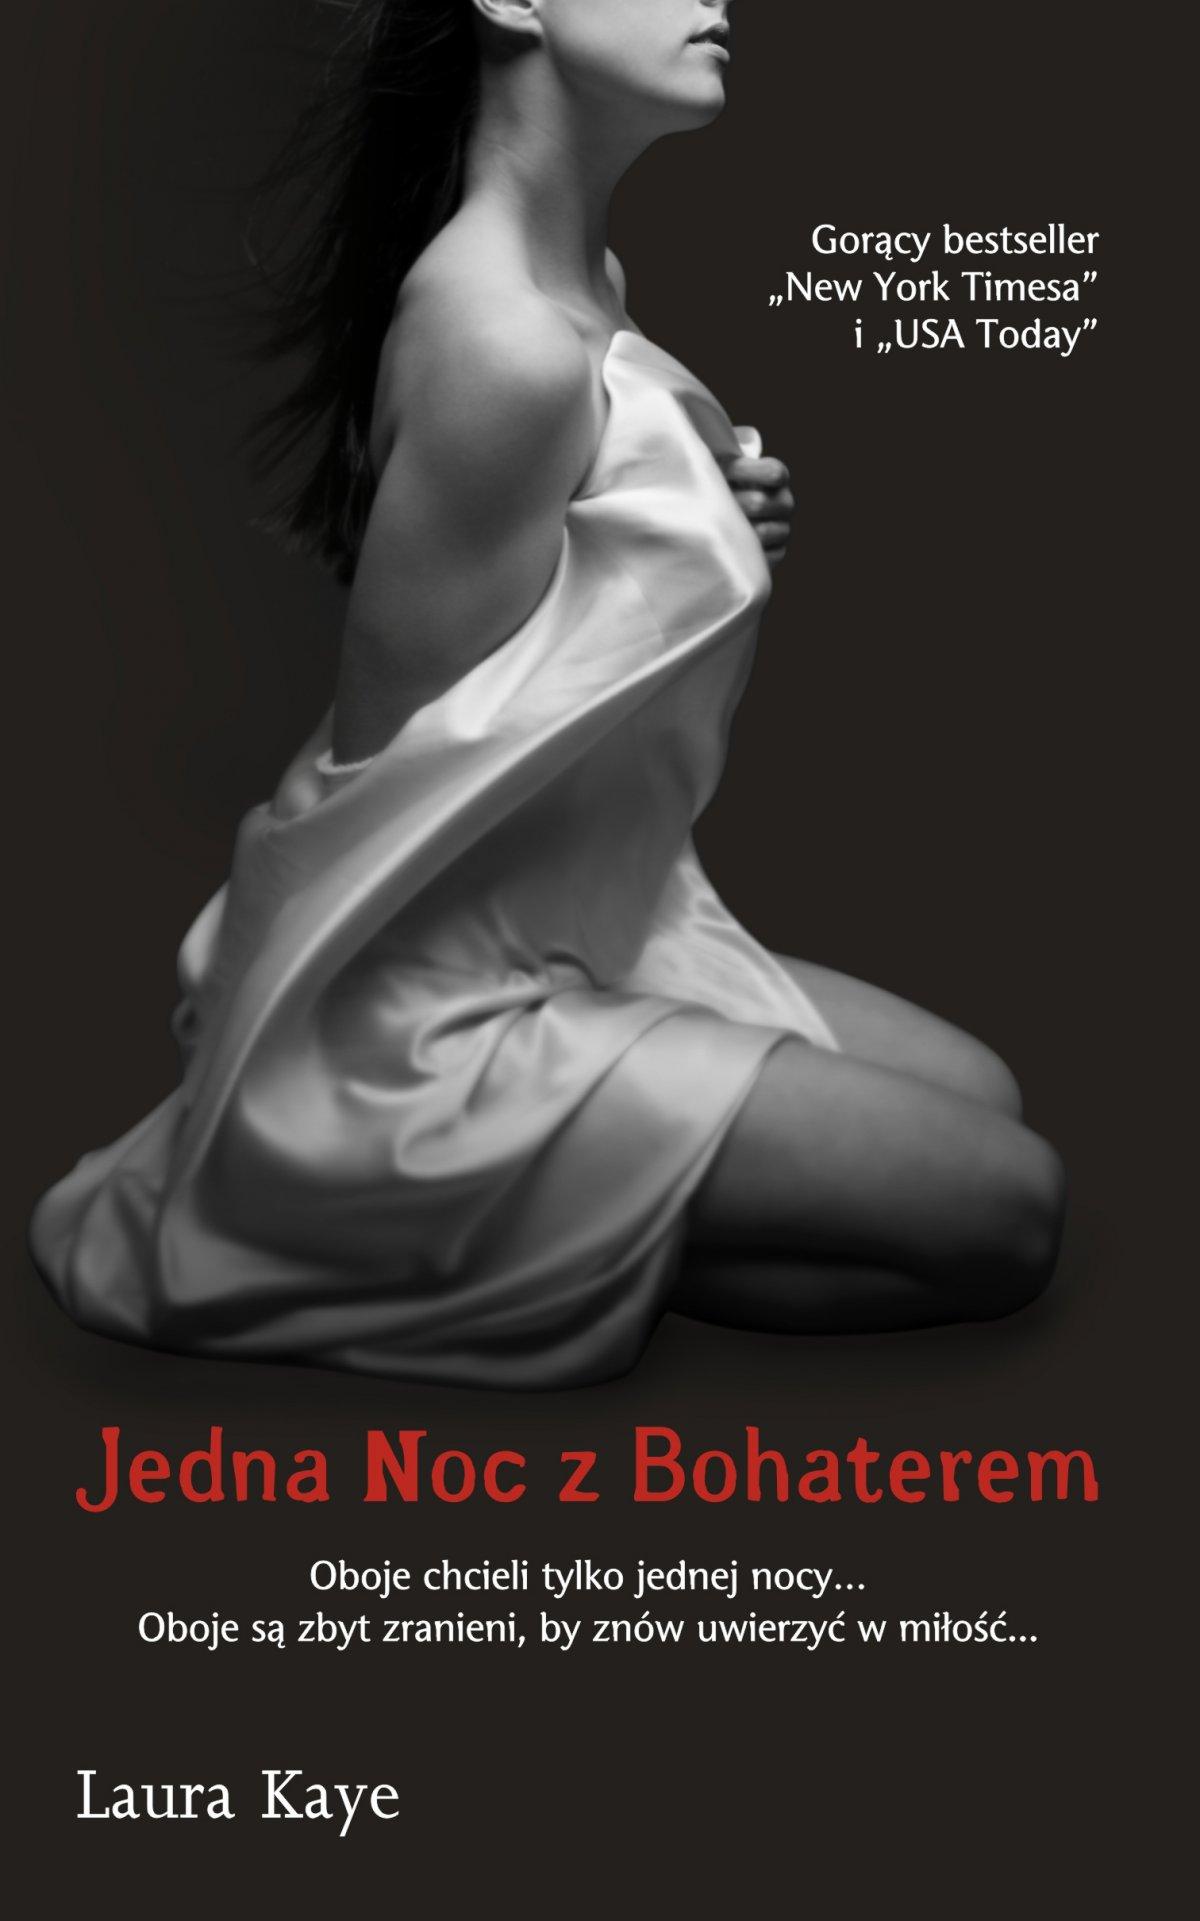 Jedna noc z bohaterem - Ebook (Książka na Kindle) do pobrania w formacie MOBI